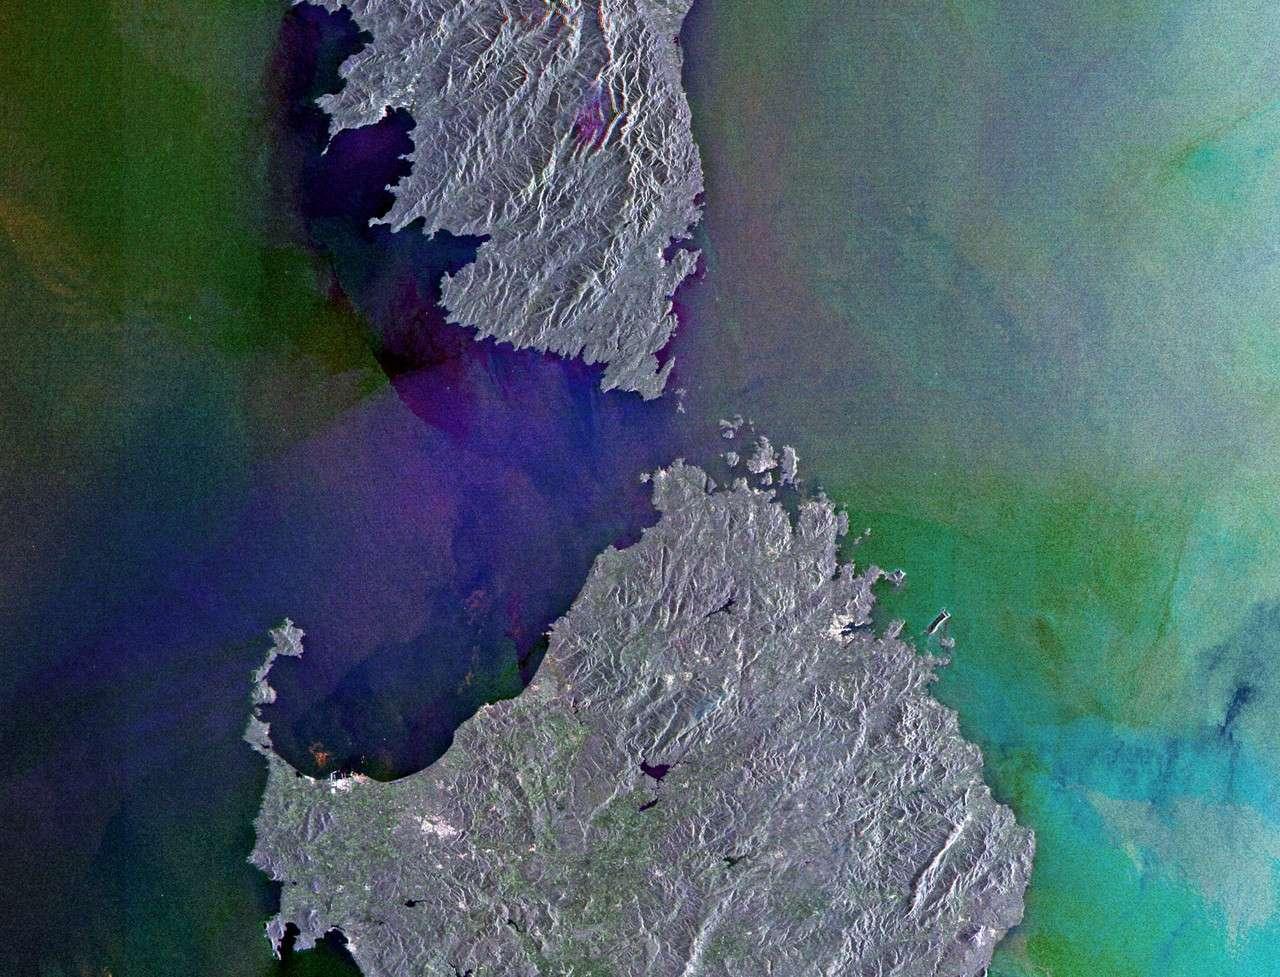 Les Bouches de Bonifacio sous la caméra du satellite Envisat. © Esa